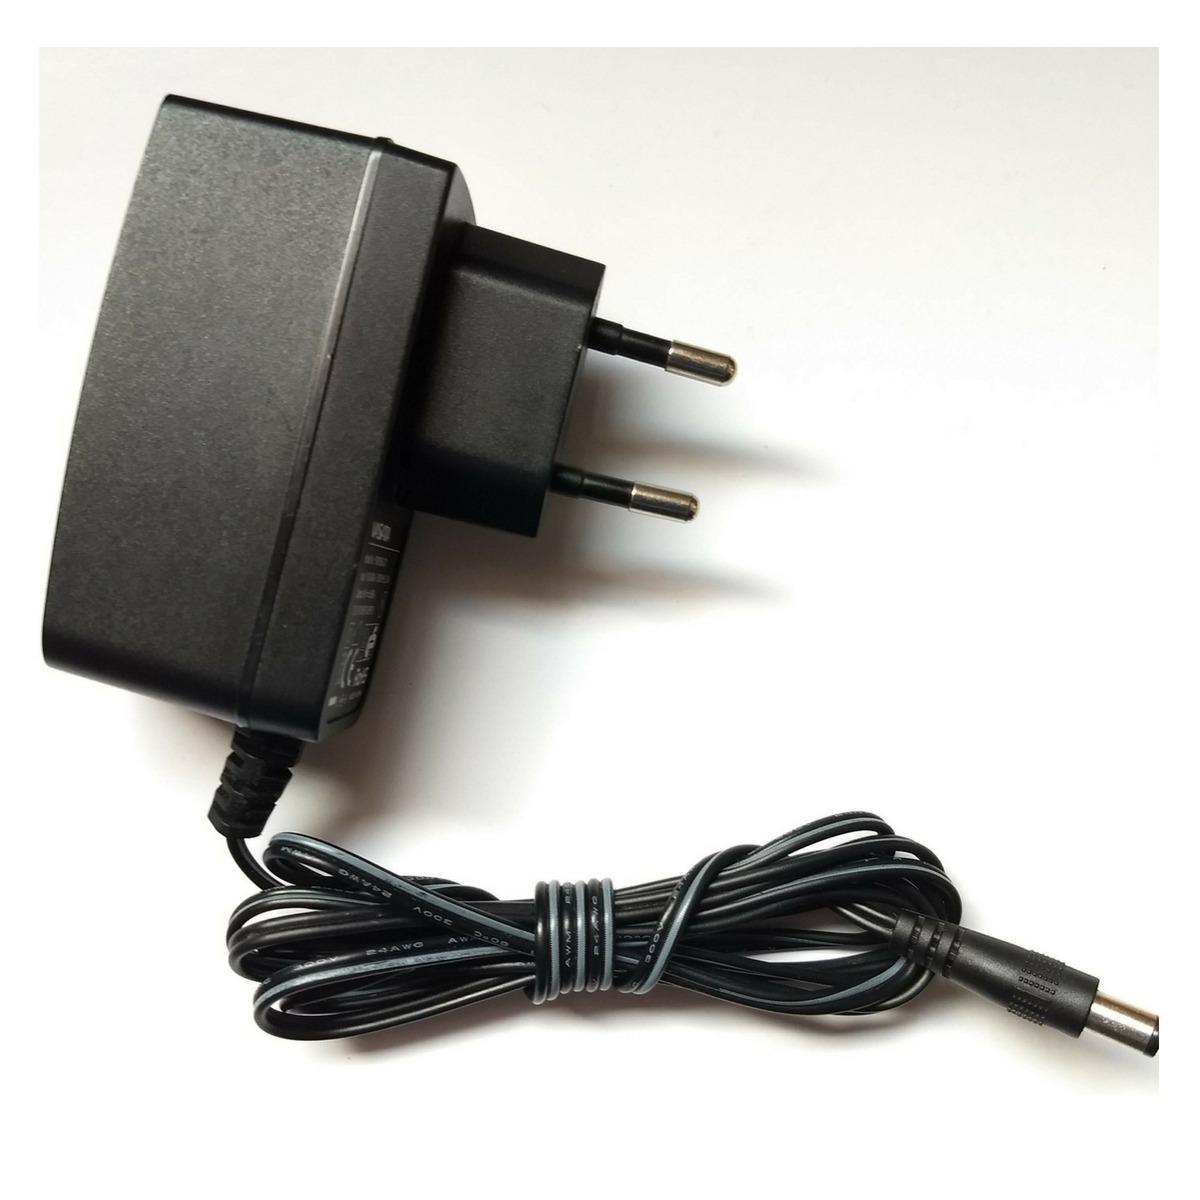 Fonte 9v 085a Roteadores Tplink E Outros Modens Leds Vasata R 15 Tp Link Adapter Carregando Zoom